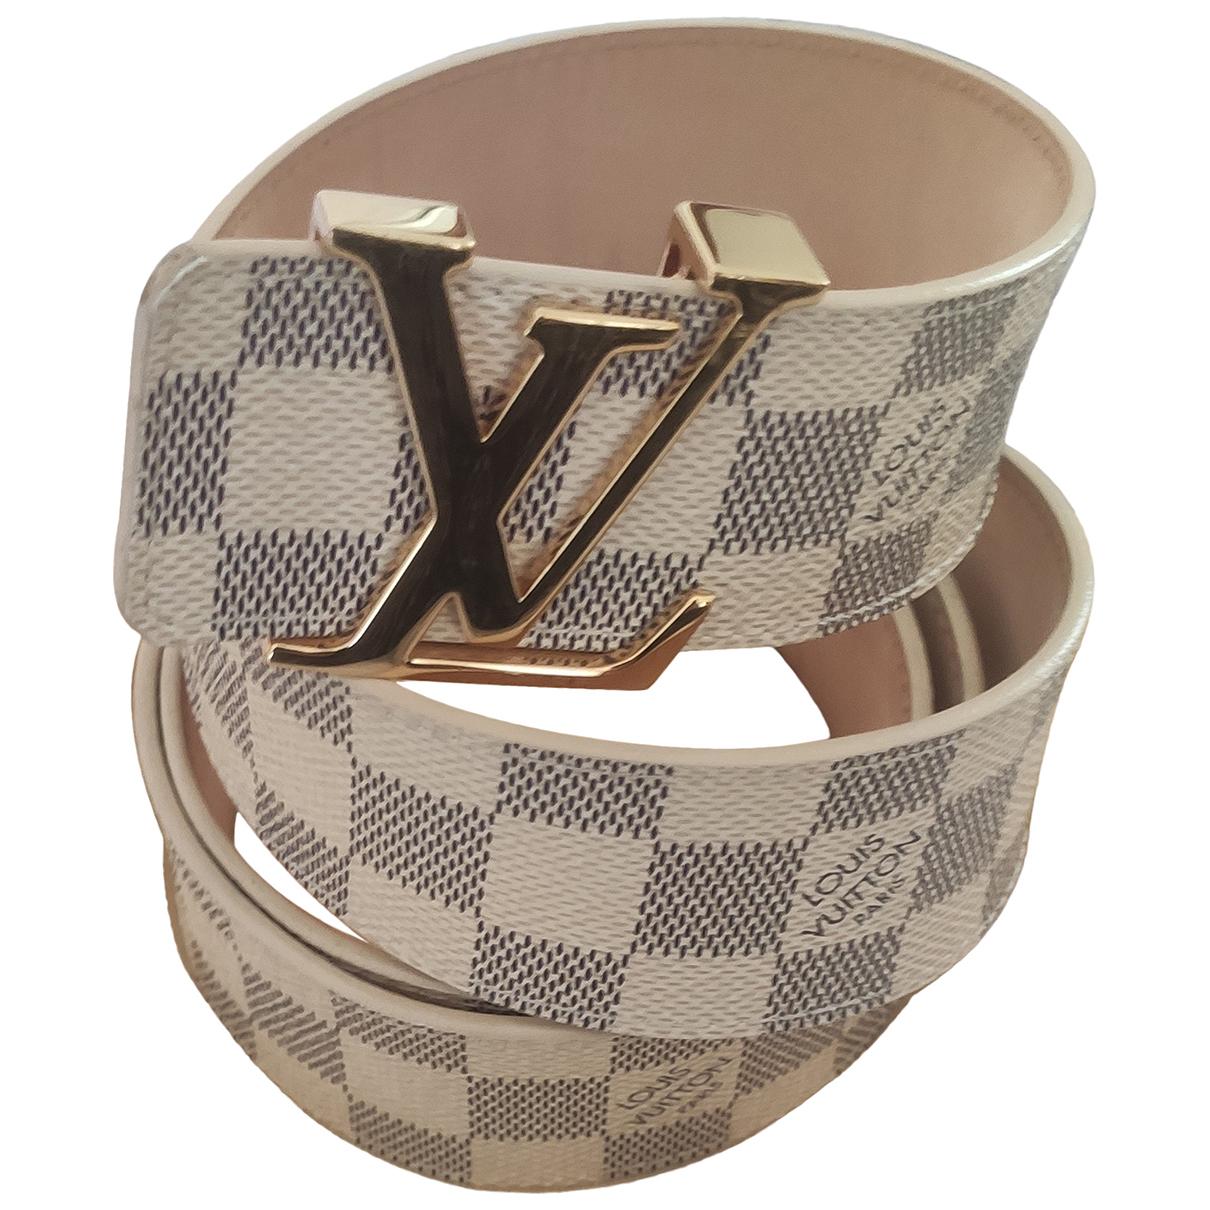 Cinturon Initiales de Cuero Louis Vuitton